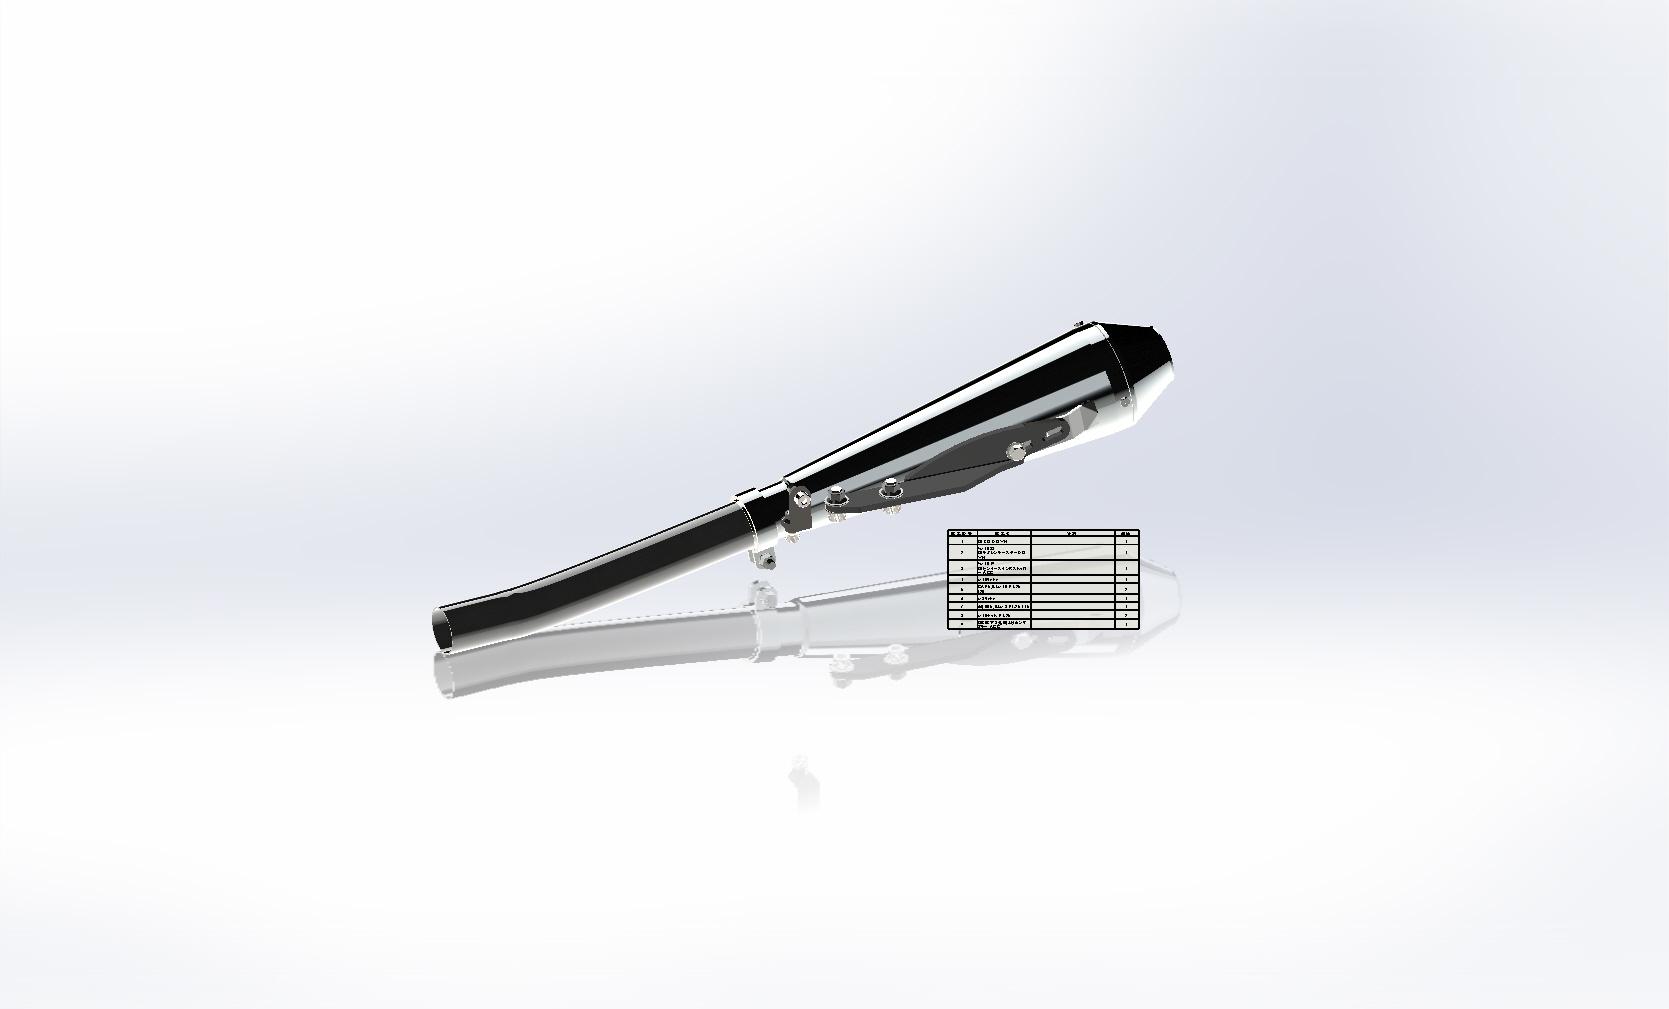 SR400/500 スリップオンマフラー インジェクション対応_a0139843_04091497.jpg